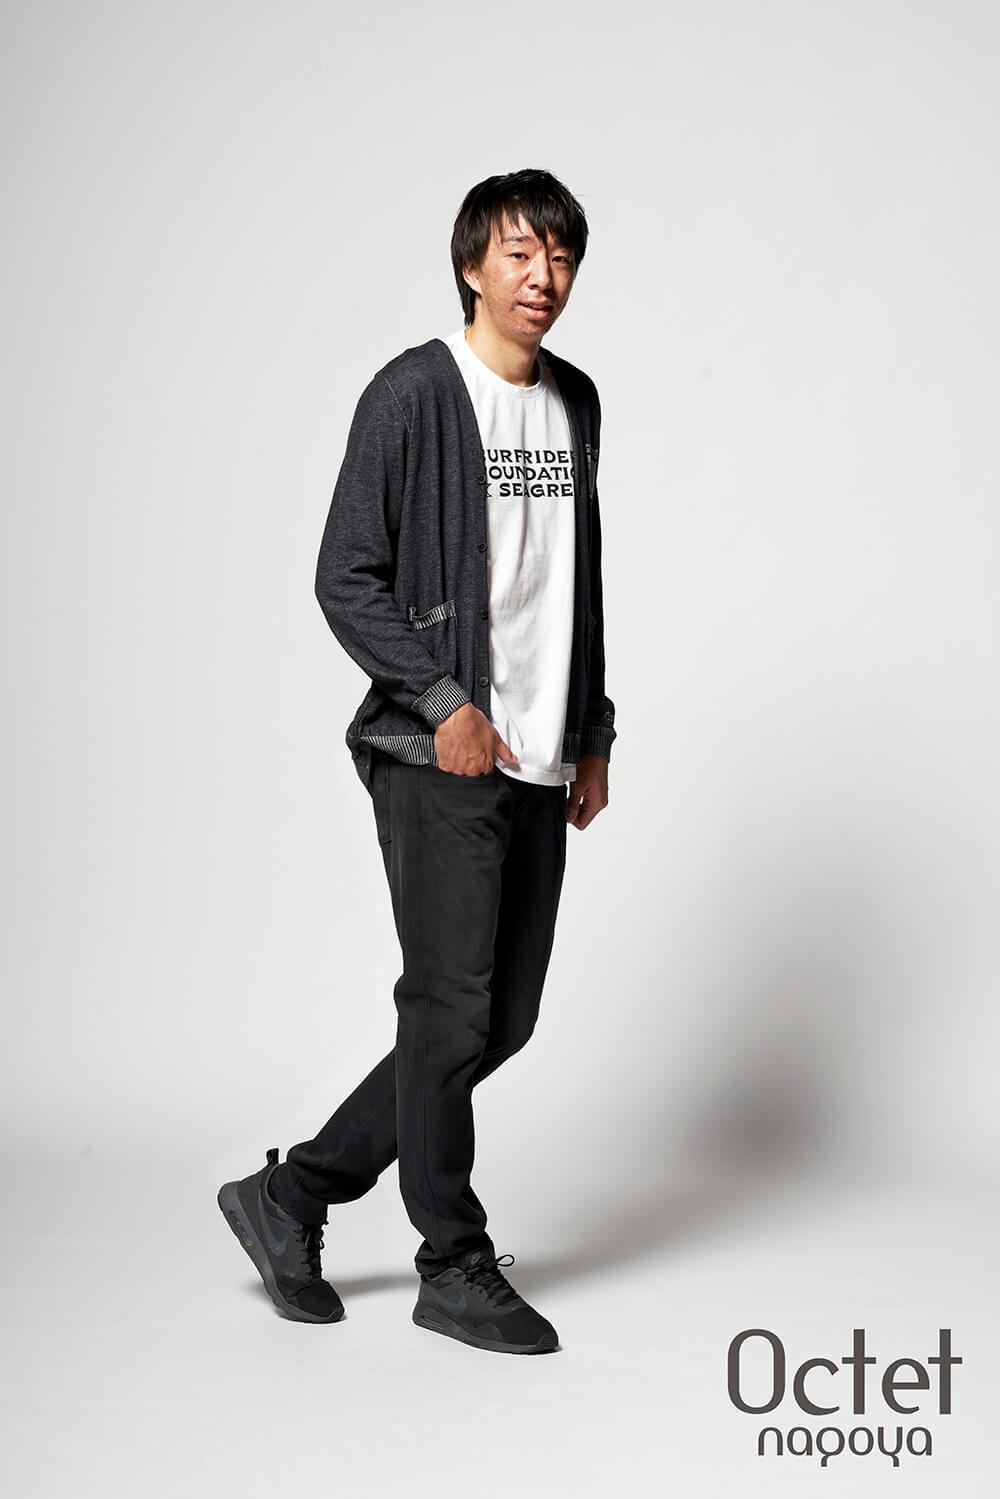 名古屋ダイヤモンドドルフィンズ 木下 誠 選手のファッションコーディネート。